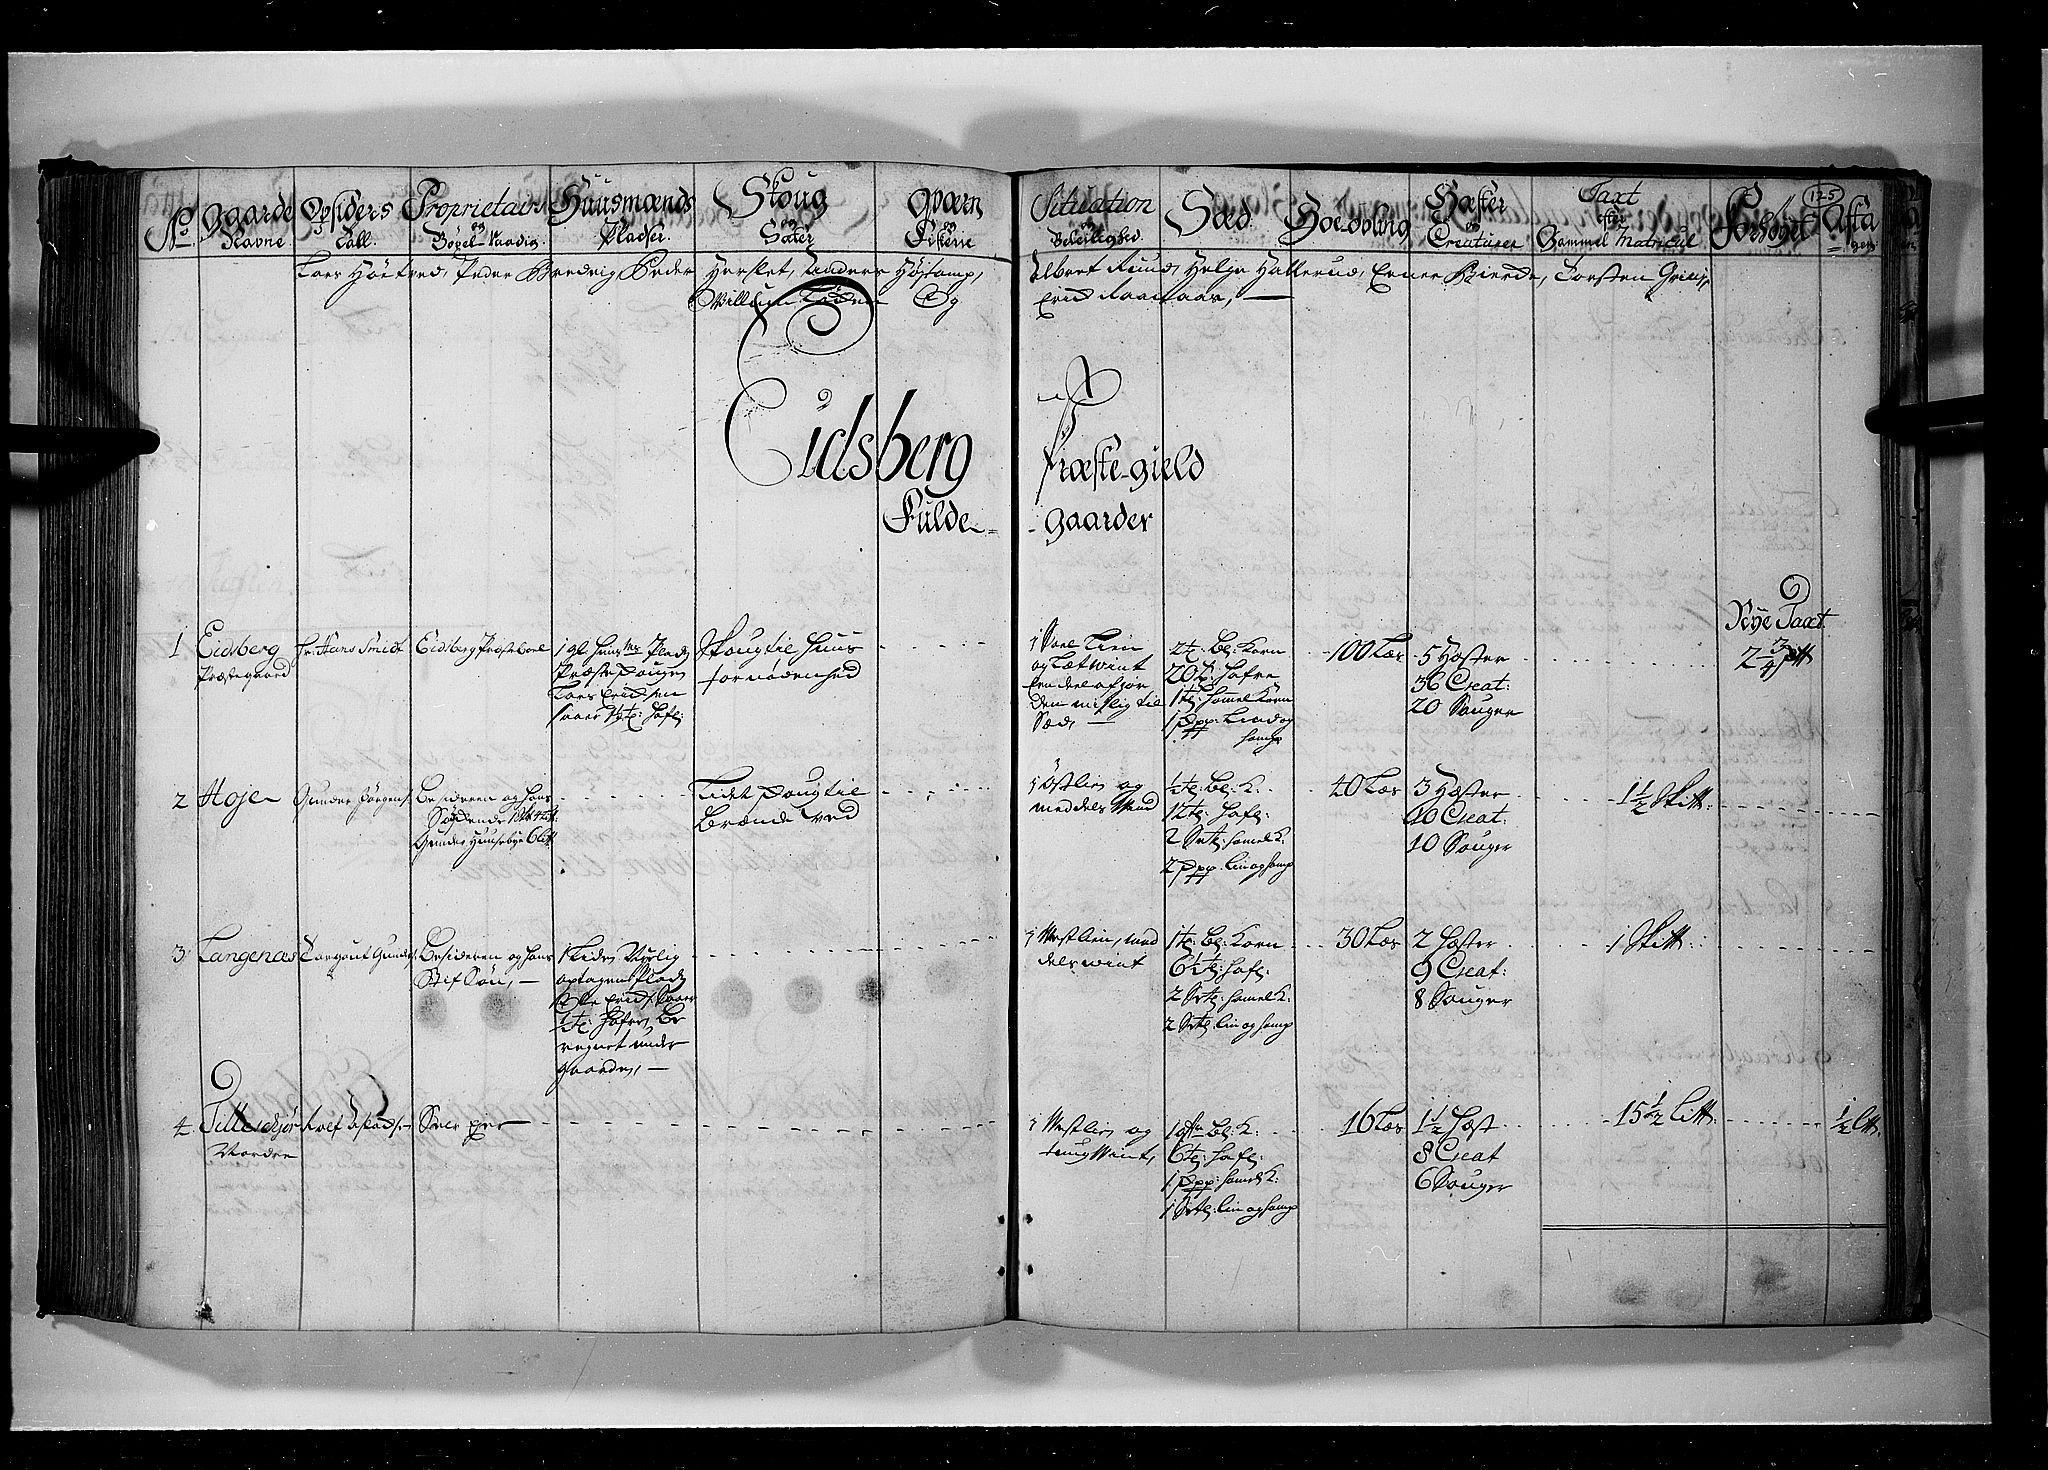 RA, Rentekammeret inntil 1814, Realistisk ordnet avdeling, N/Nb/Nbf/L0099: Rakkestad, Heggen og Frøland eksaminasjonsprotokoll, 1723, s. 124b-125a